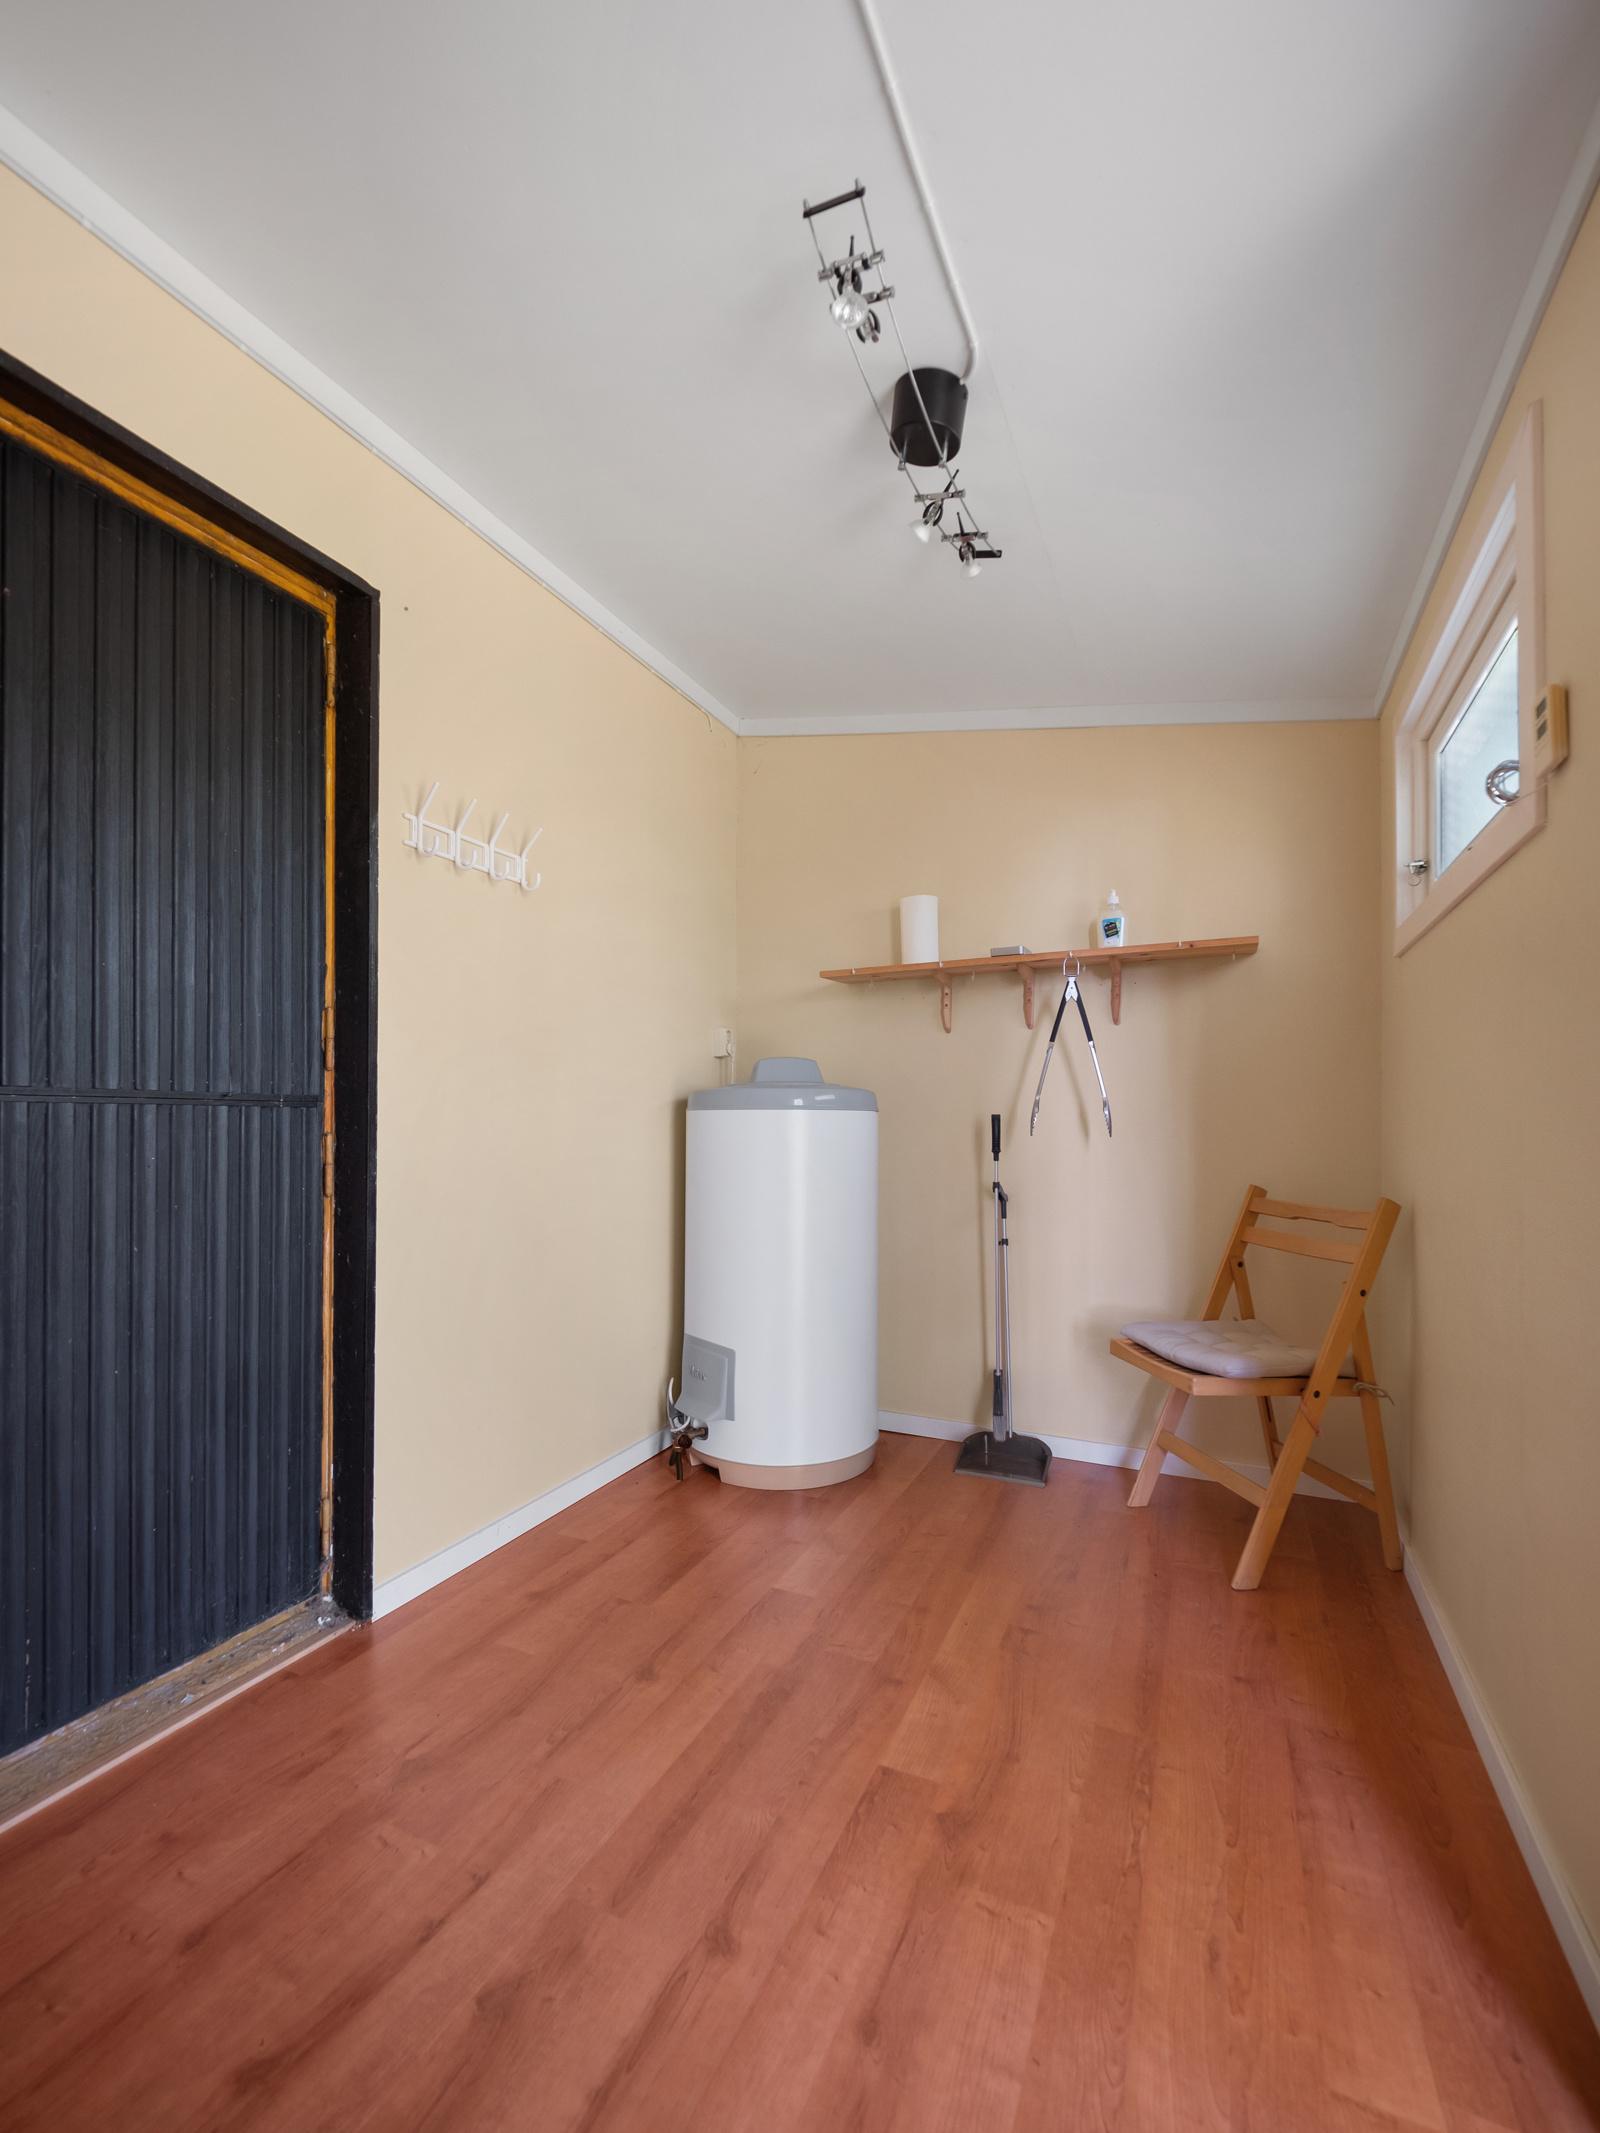 Entré/gang har god plass for oppbevaring - Her er varmtvannsbereder plassert